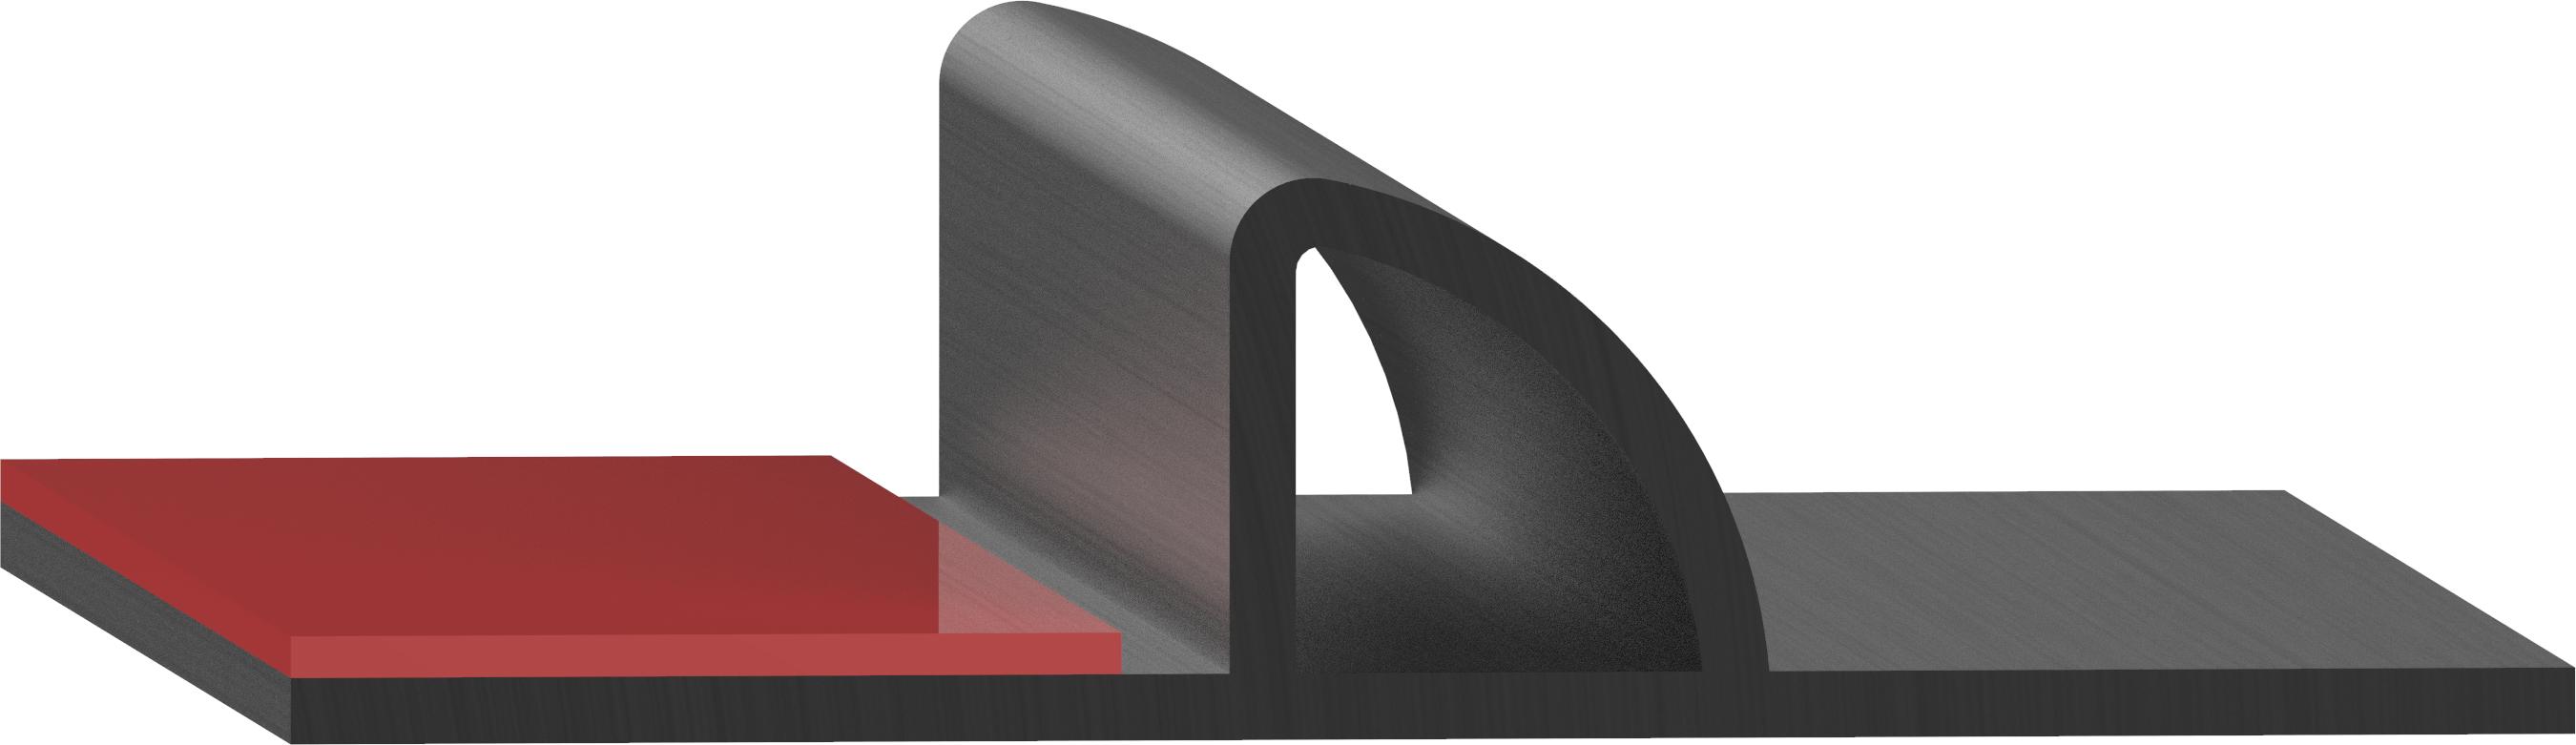 Uni-Grip part: SD-421-T